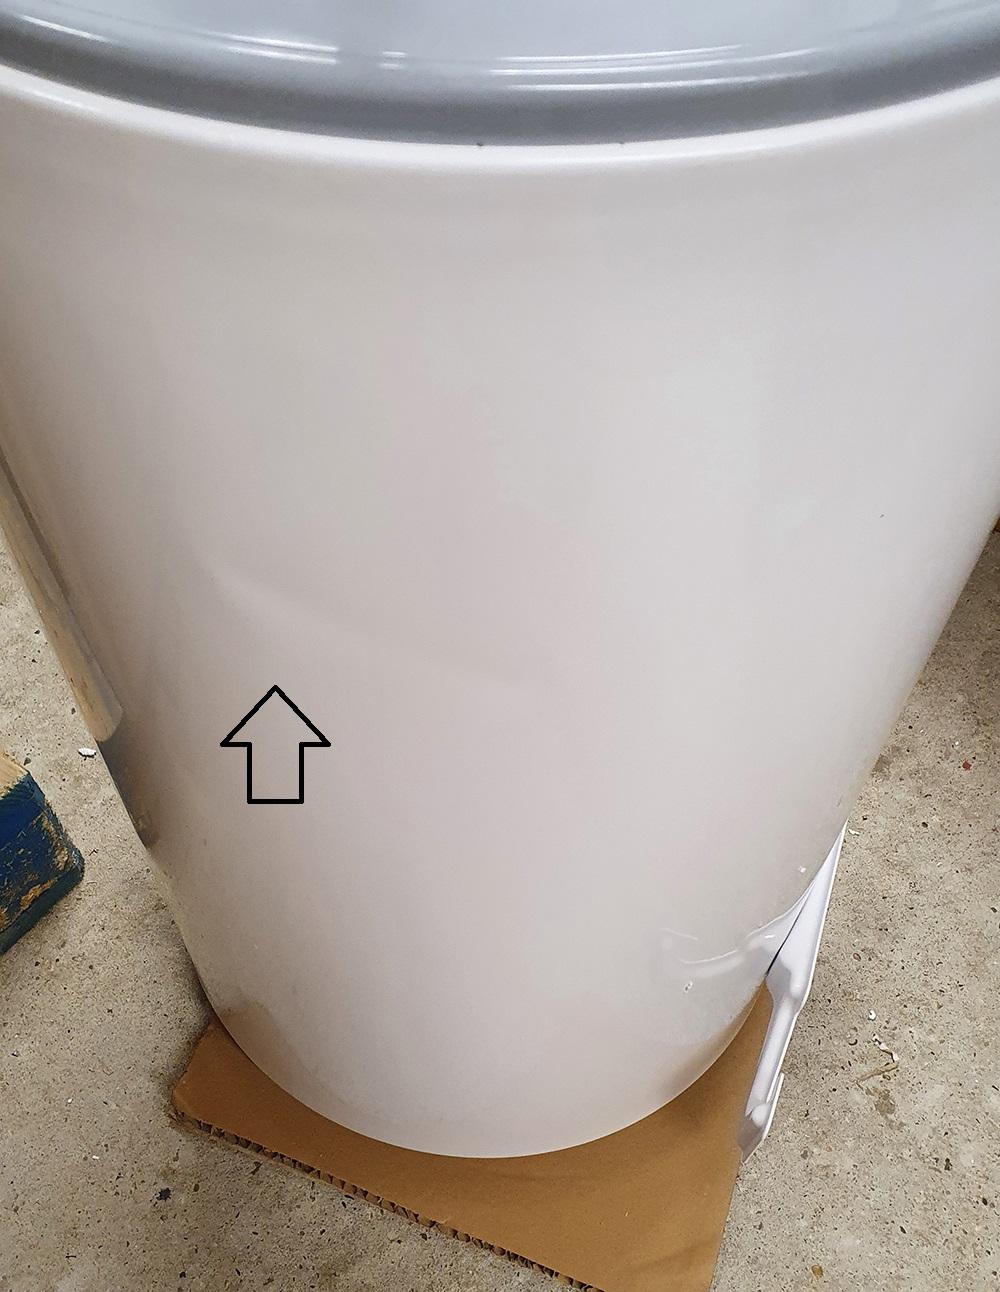 B-Ware Warmwasserspeicher Eldom Style Dry 80 Liter druckfest